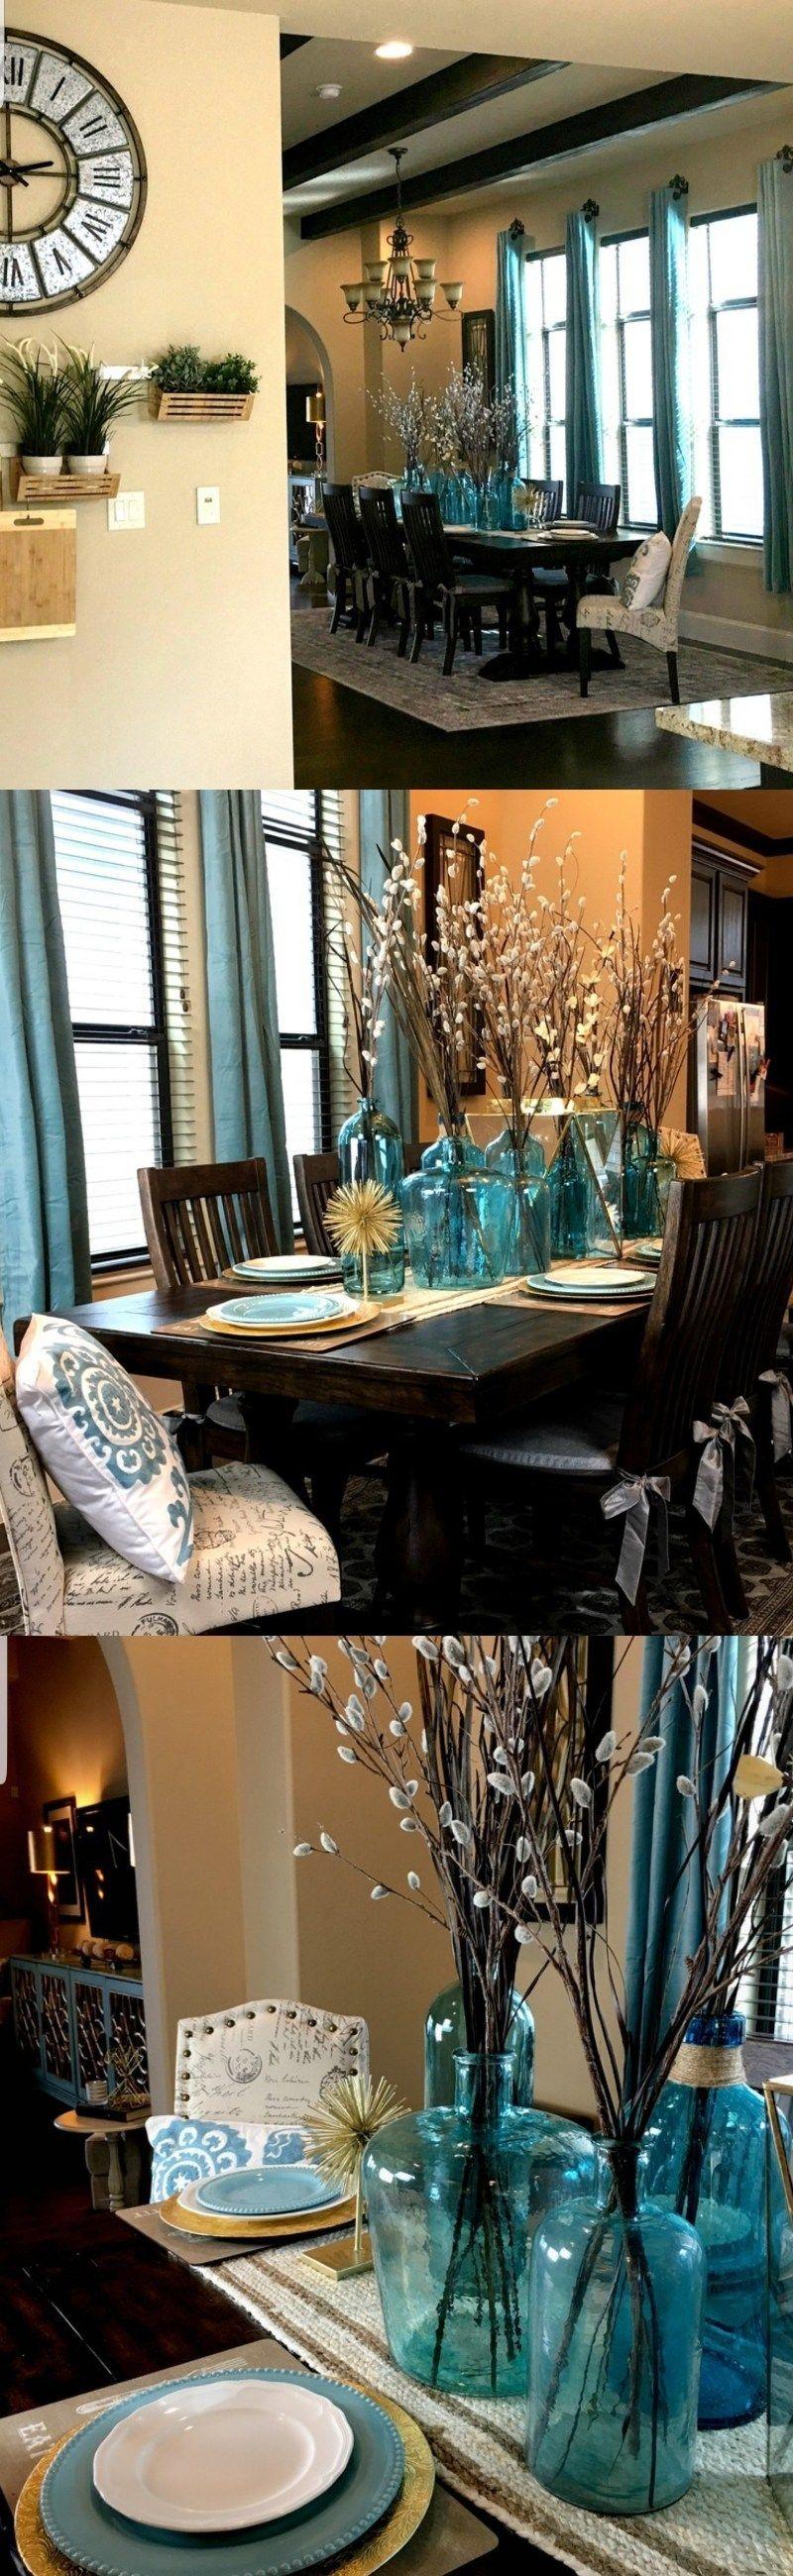 Diy Centerpiece Ideas Dining Table Centerpiece Dining Table Decor Table Centerpieces